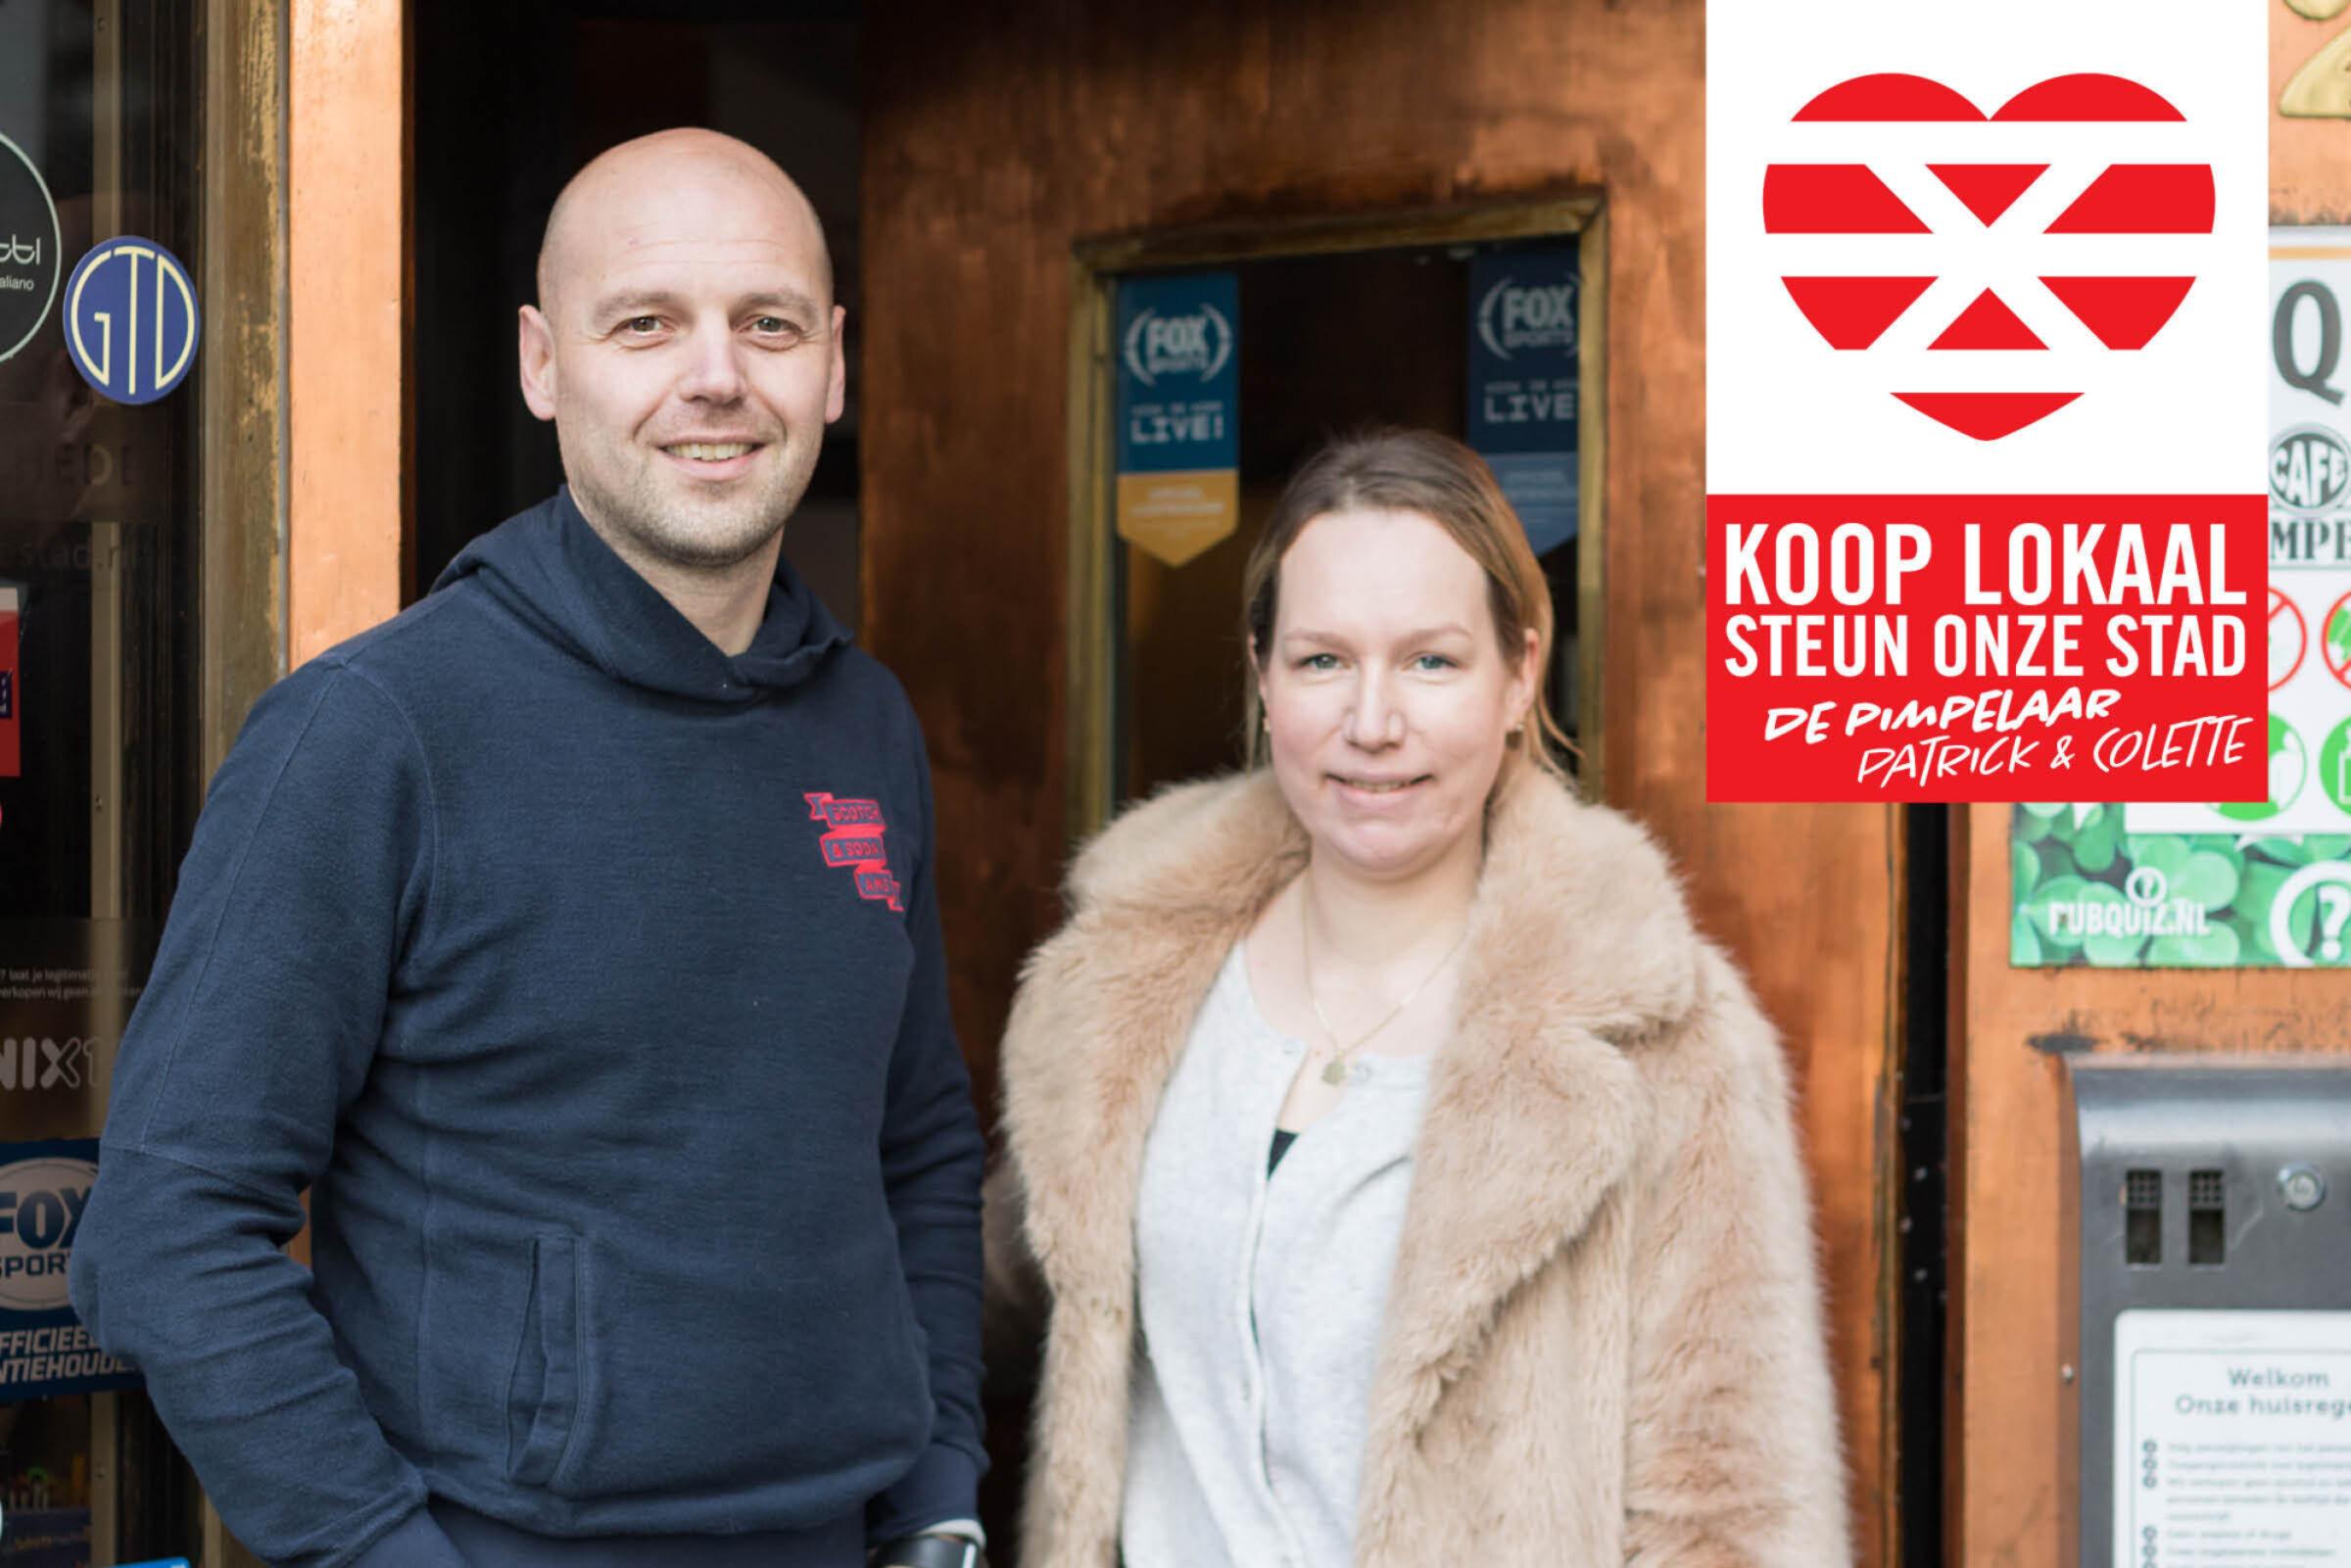 Steun onze stad Koop lokaal Enschede De Pimpelaar Patrick Colette